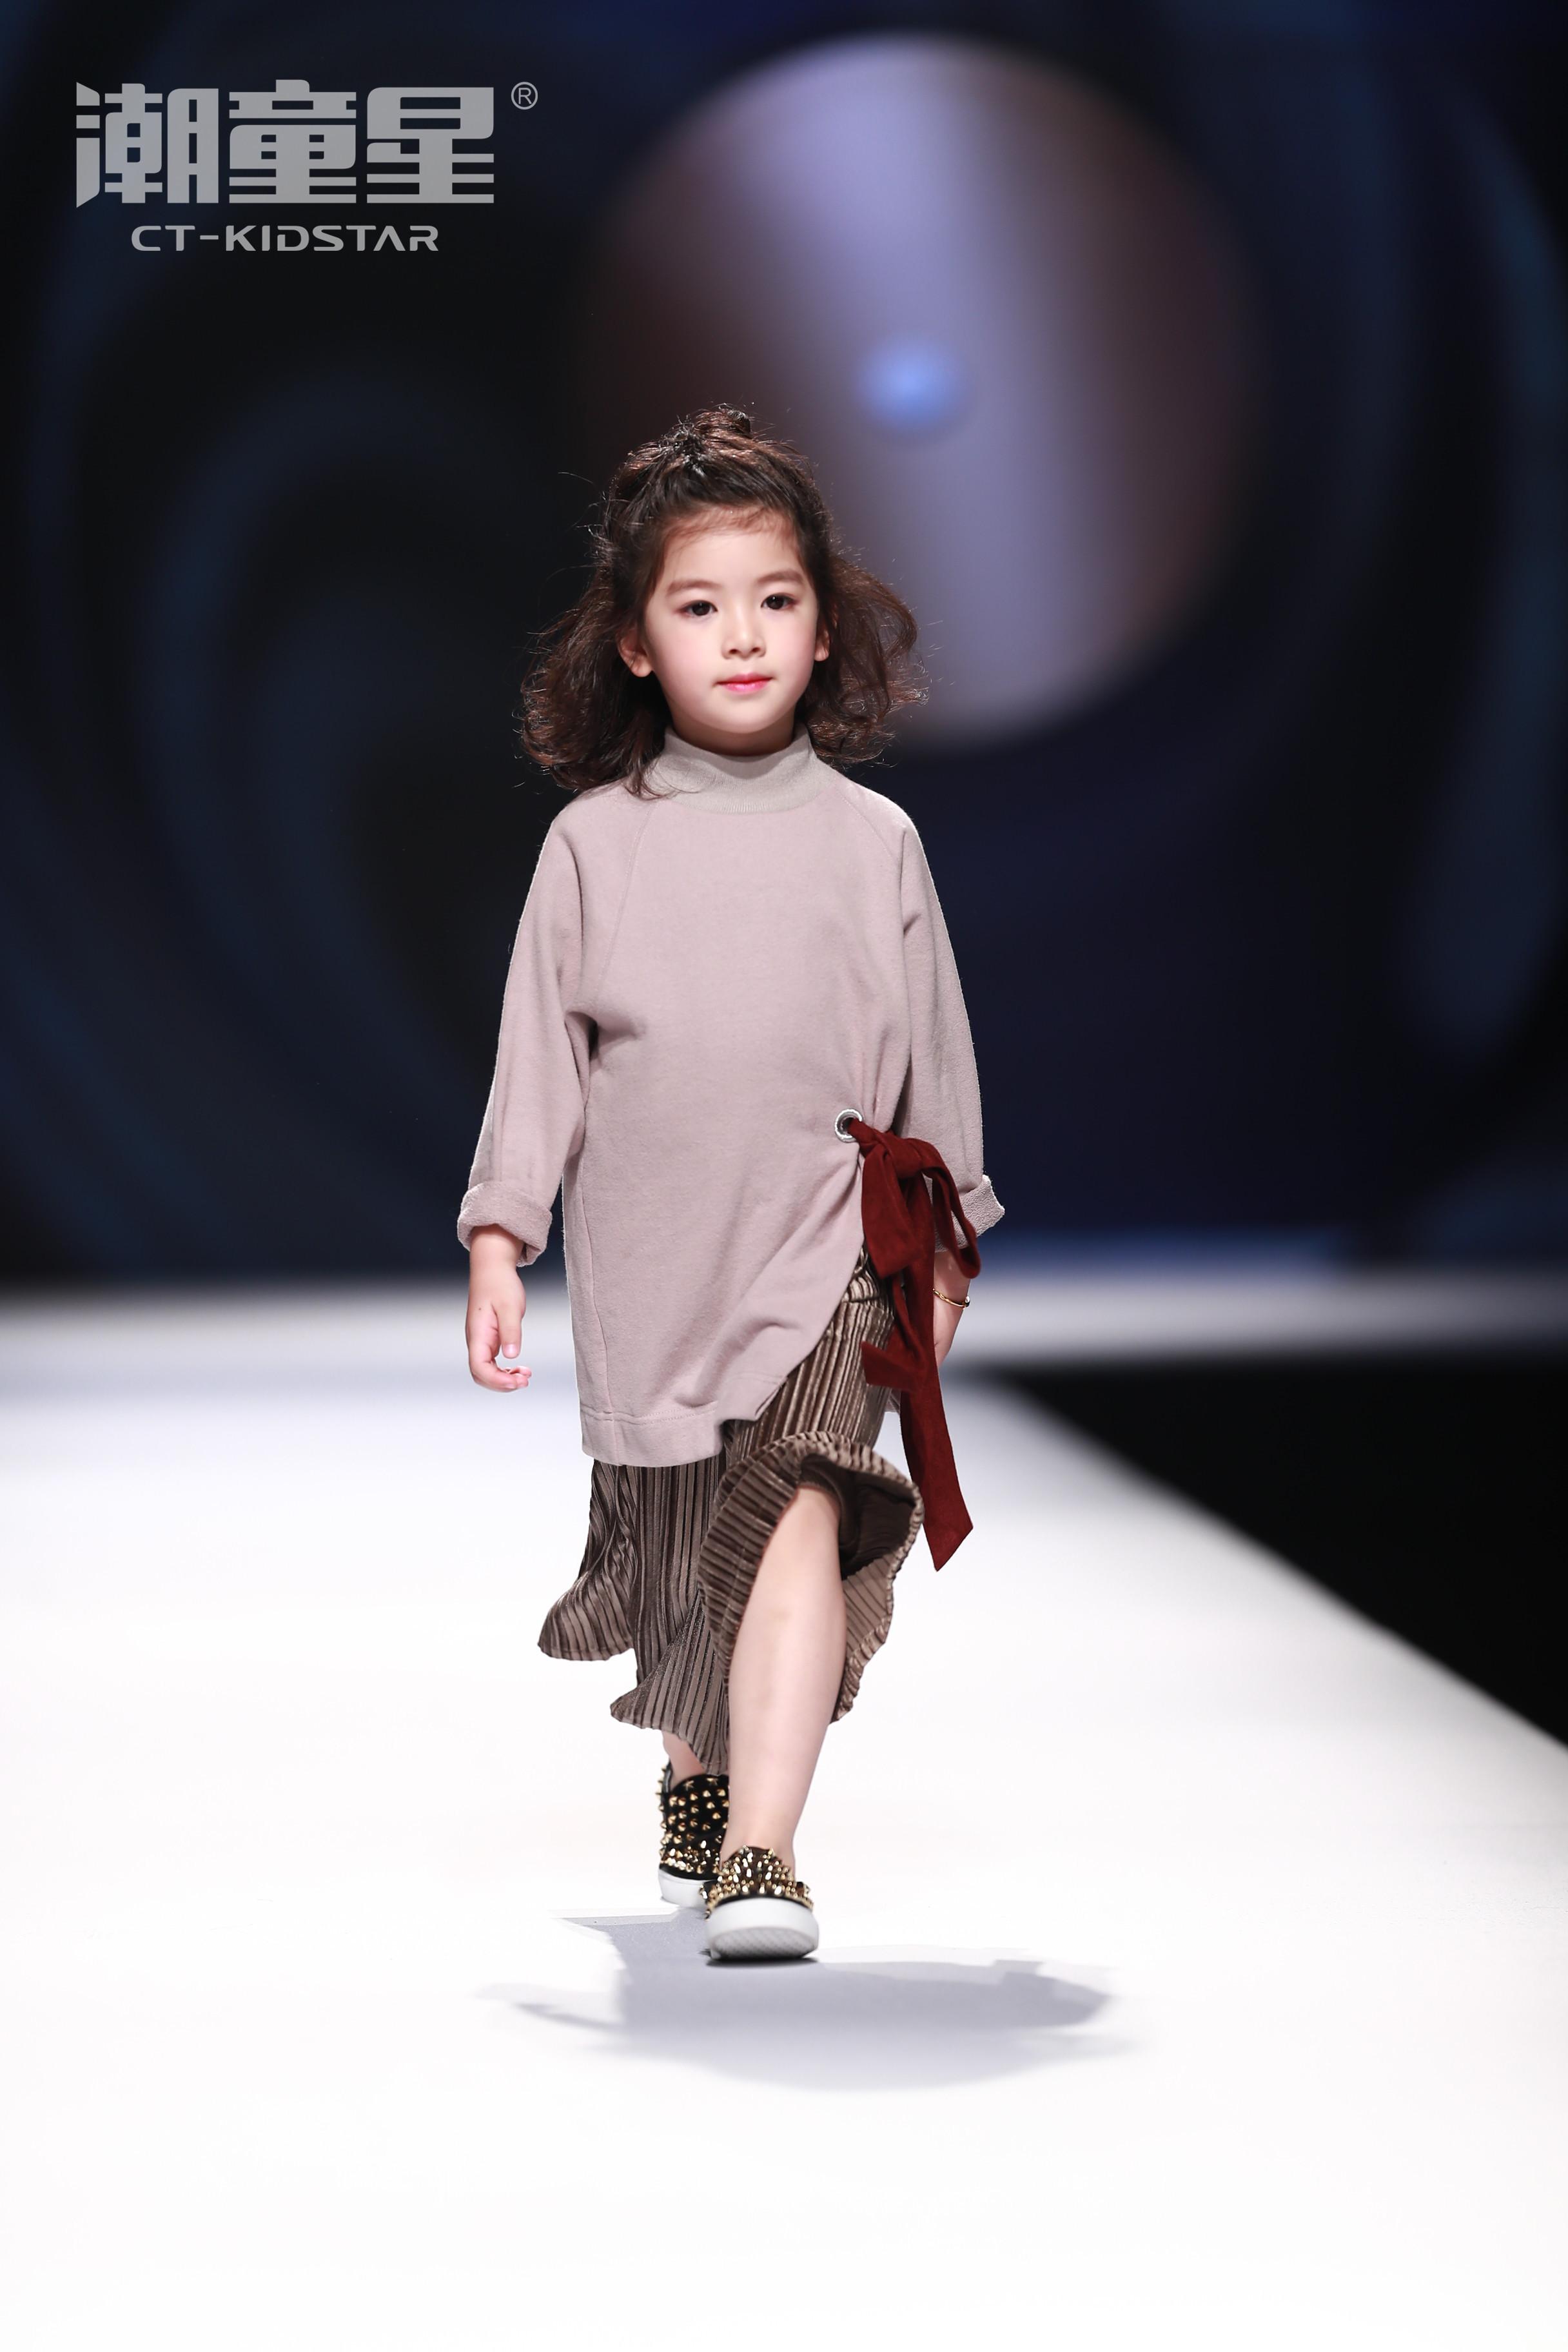 杭州潮童星少儿模特培训课程免费送通知!